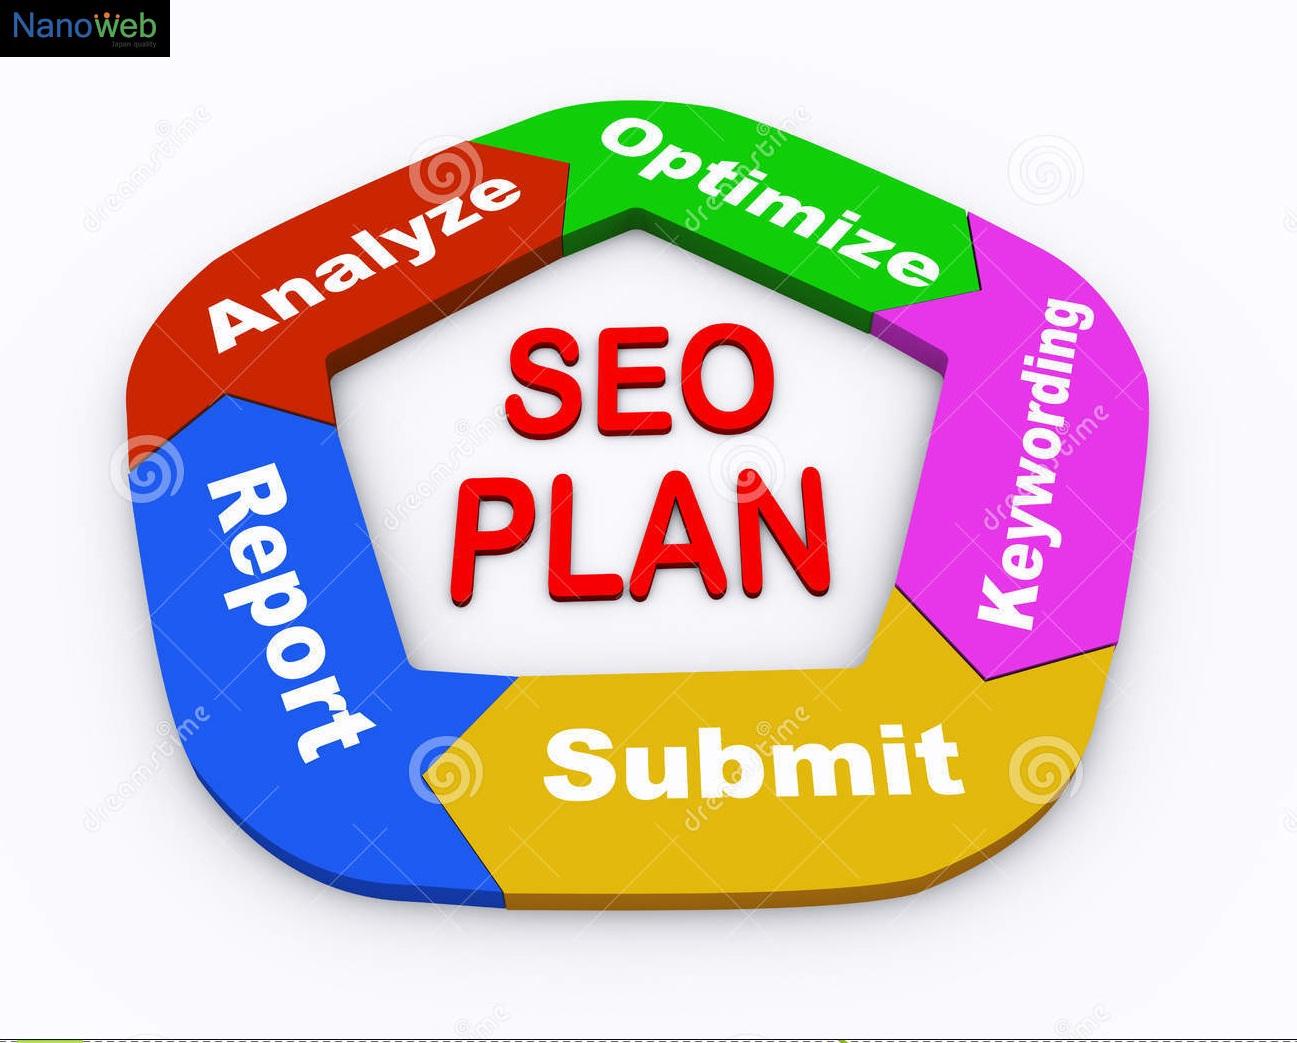 Hướng dẫn cách Lên kế hoạch SEO tổng thể website - nanoweb 3